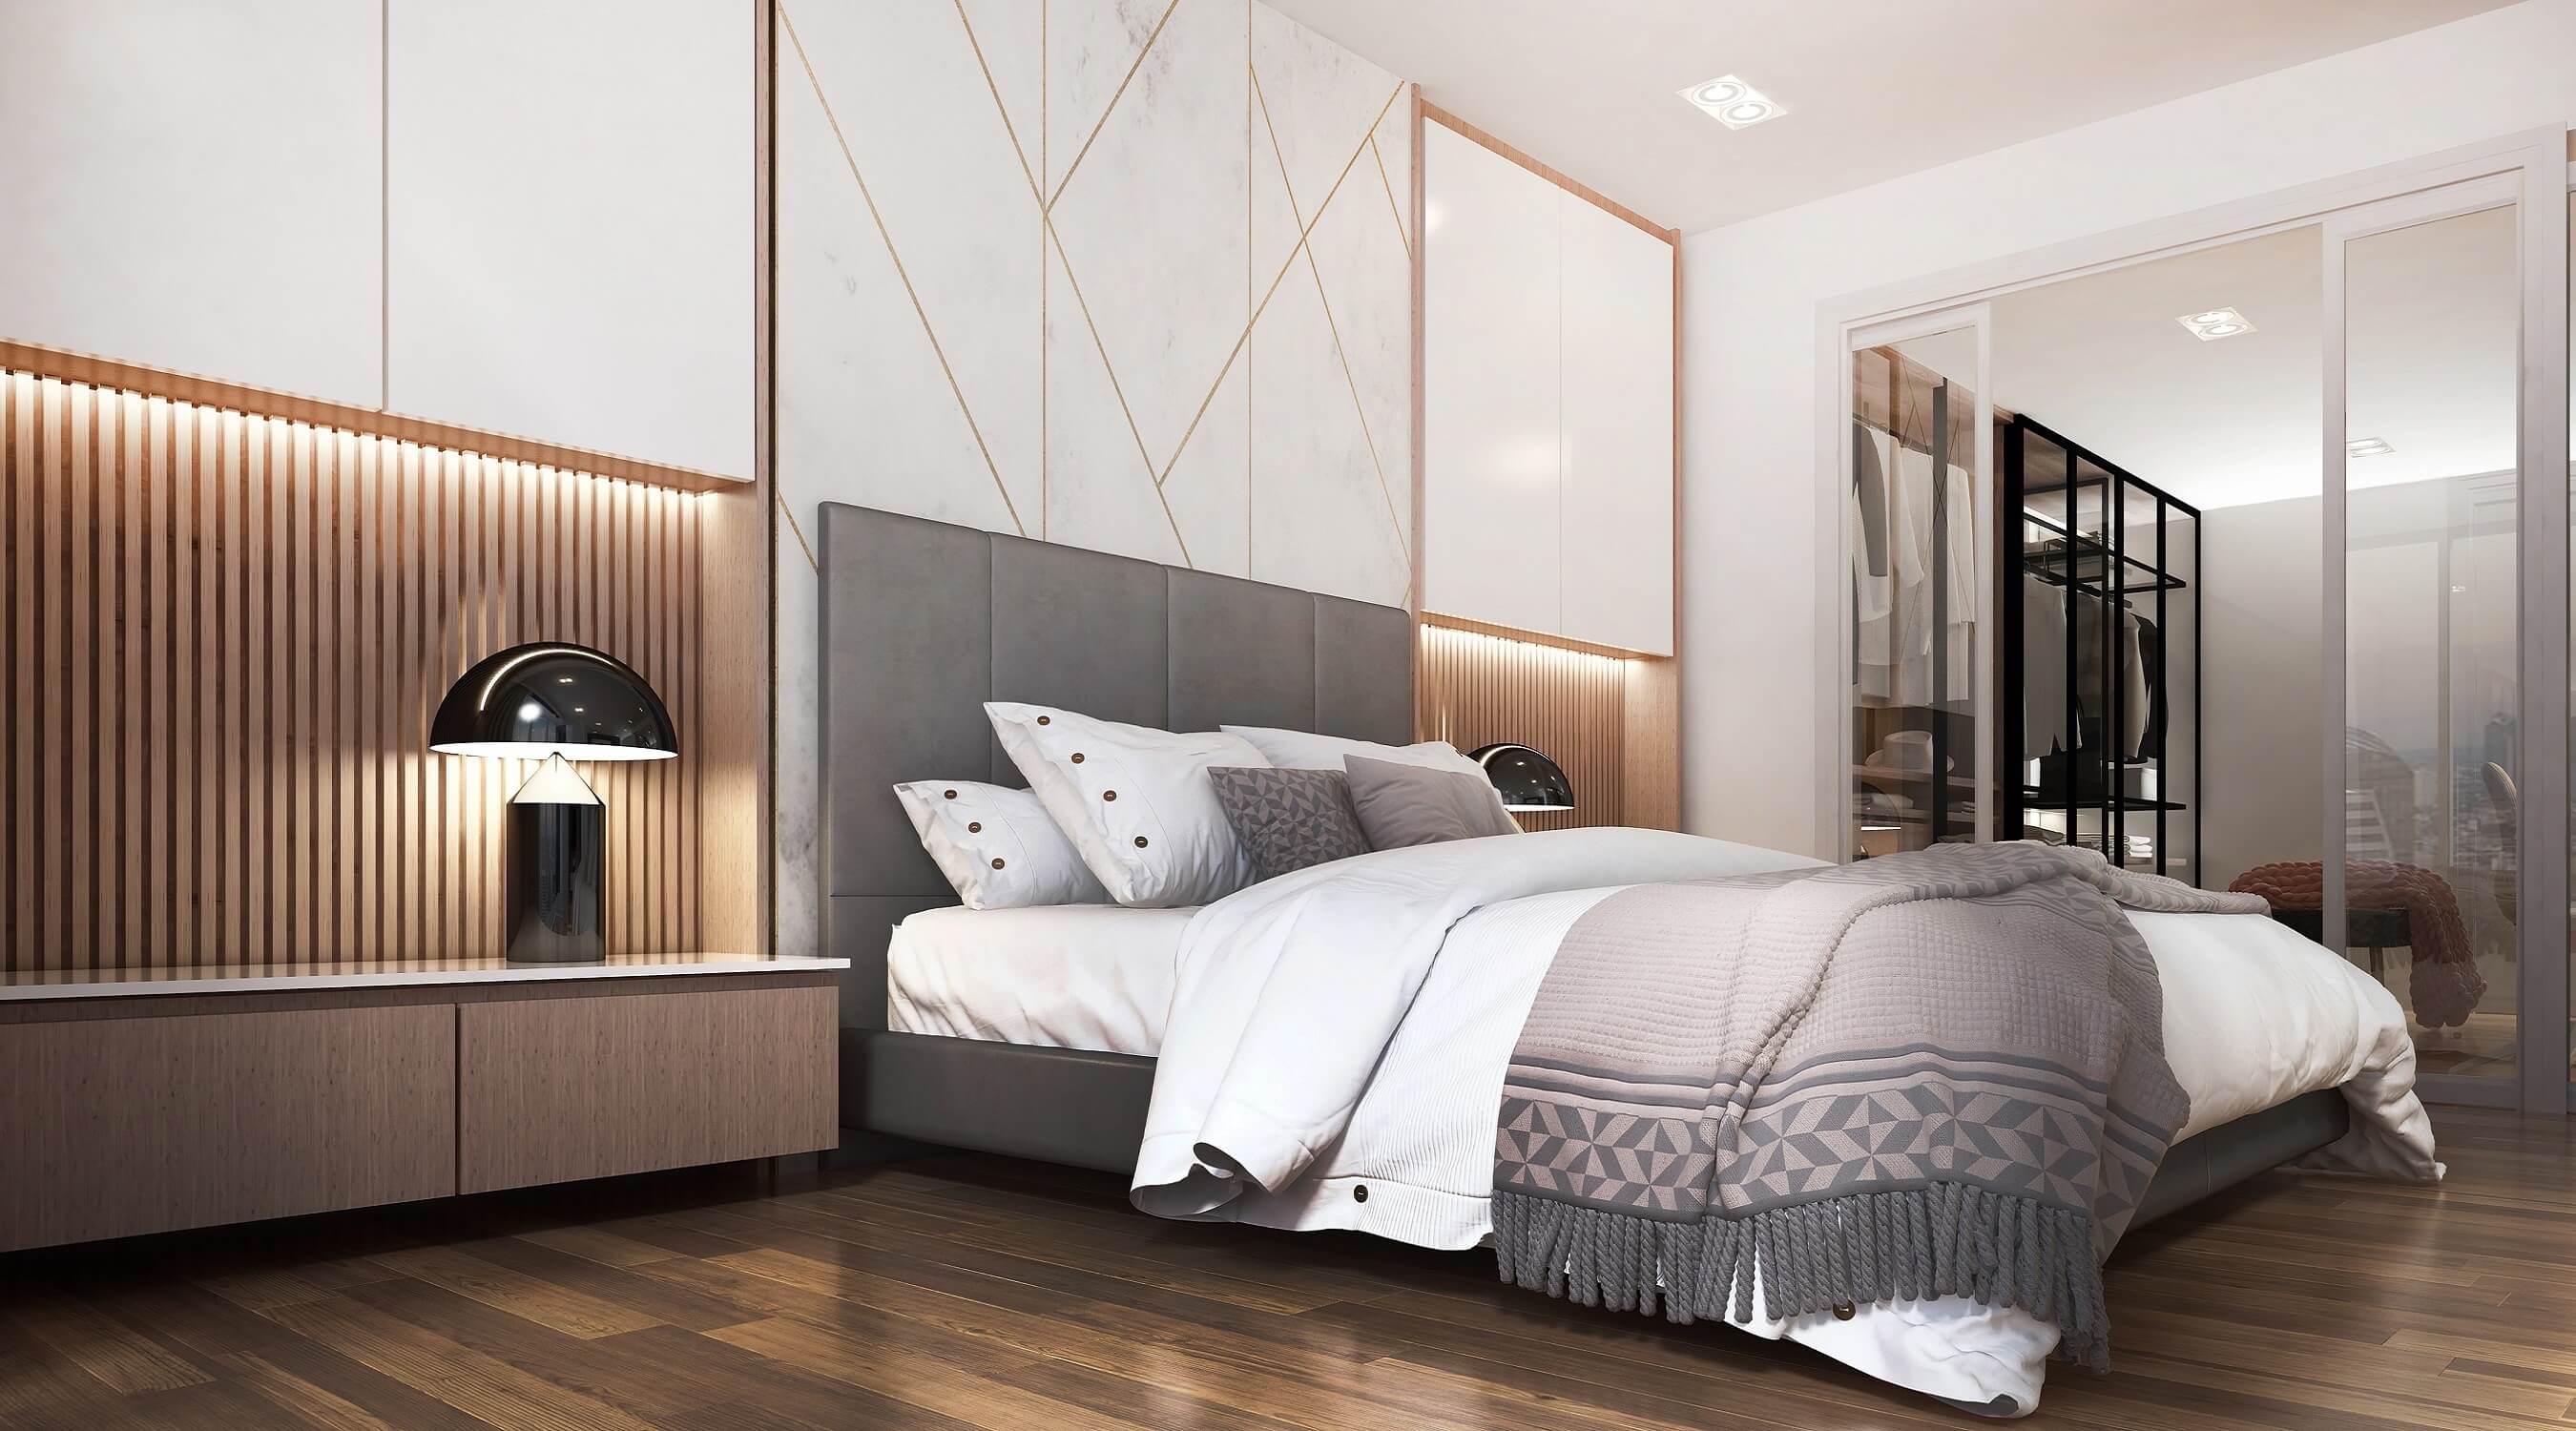 interior-design-modern-cozy-bedroom